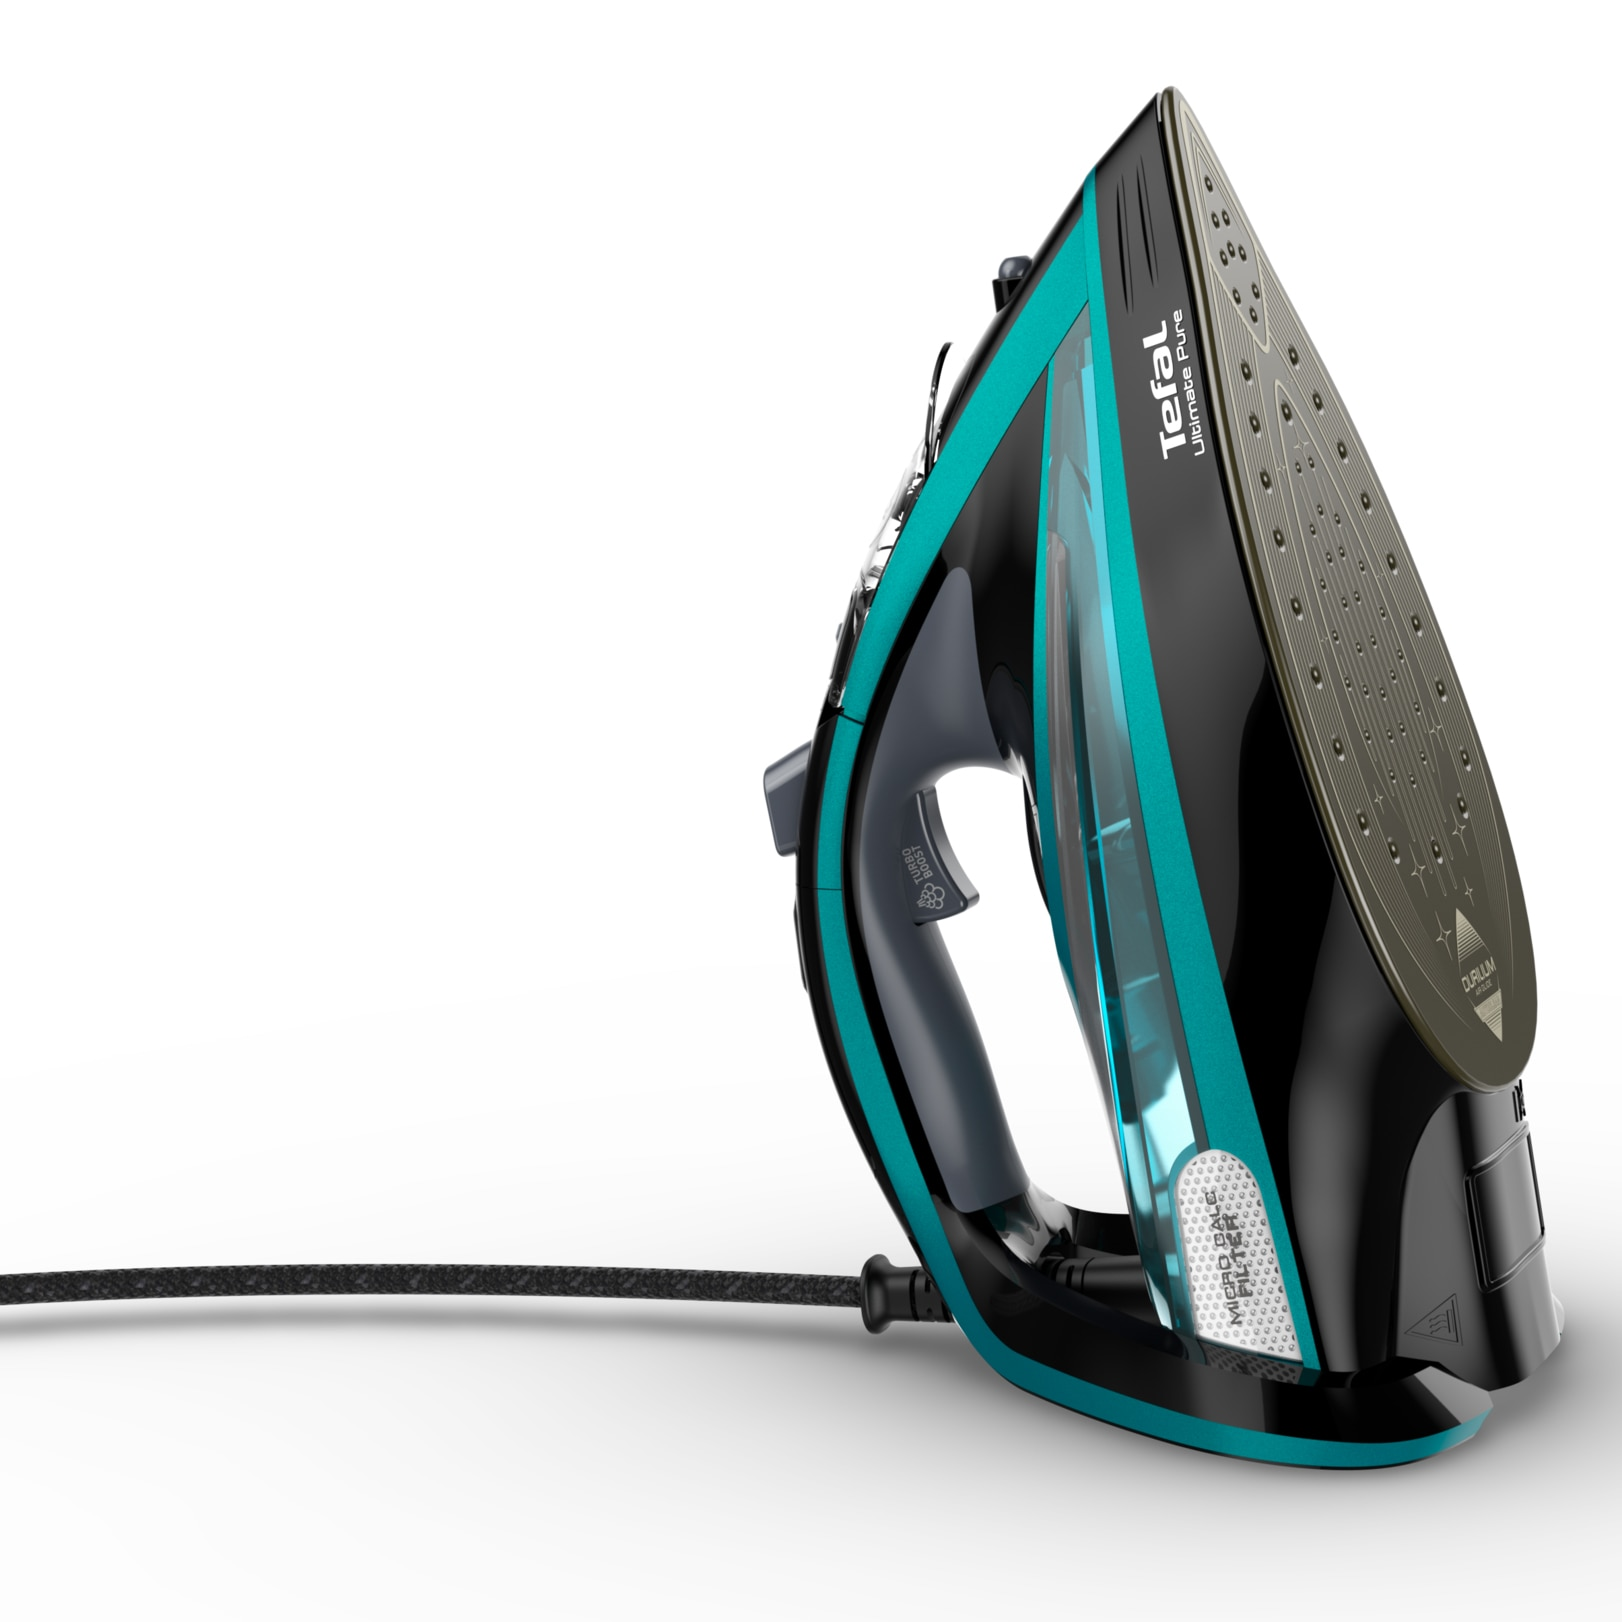 Tefal FV9844E0 Ultimate Pure vasaló, 3200 W, Durilium AirGlide öntiszttó vasalótalp, gőzsugár 250gr/perc, 2 az 1-ben Micro-Calc szűrő, Fekete/Kék IZsyRB